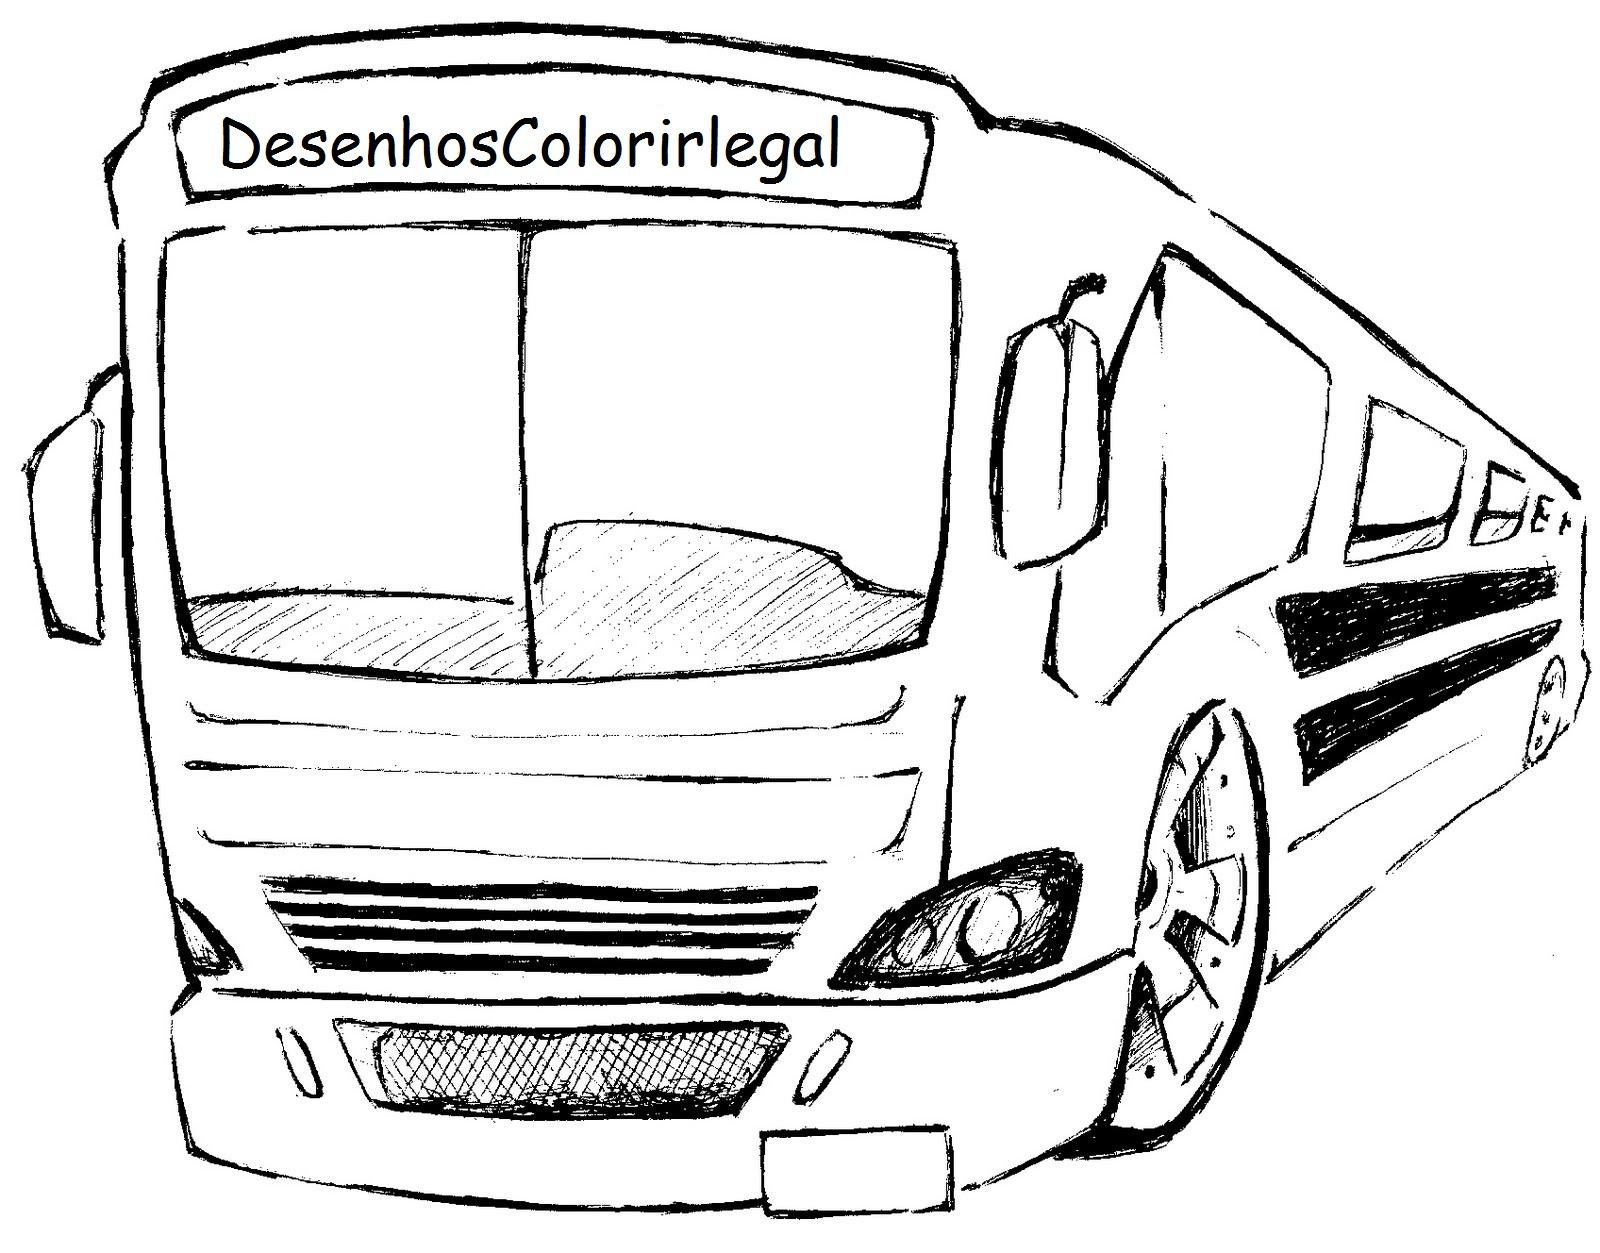 Desenhos Colorir Legal Desenho De Onibus Escolar Colorir Legal